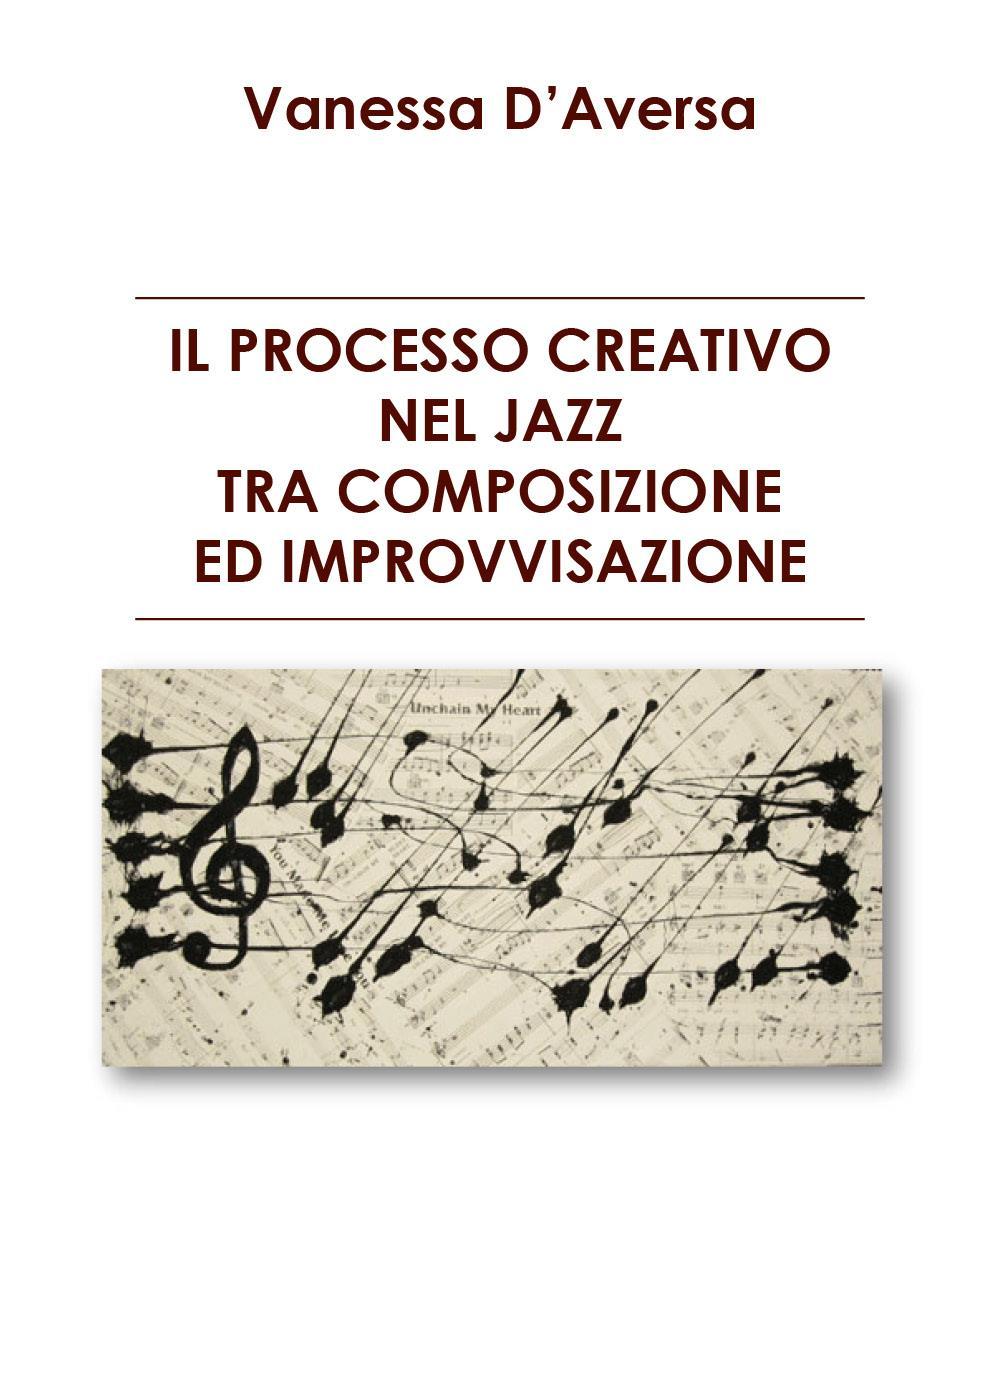 Il Processo Creativo nel Jazz tra composizione ed improvvisazione